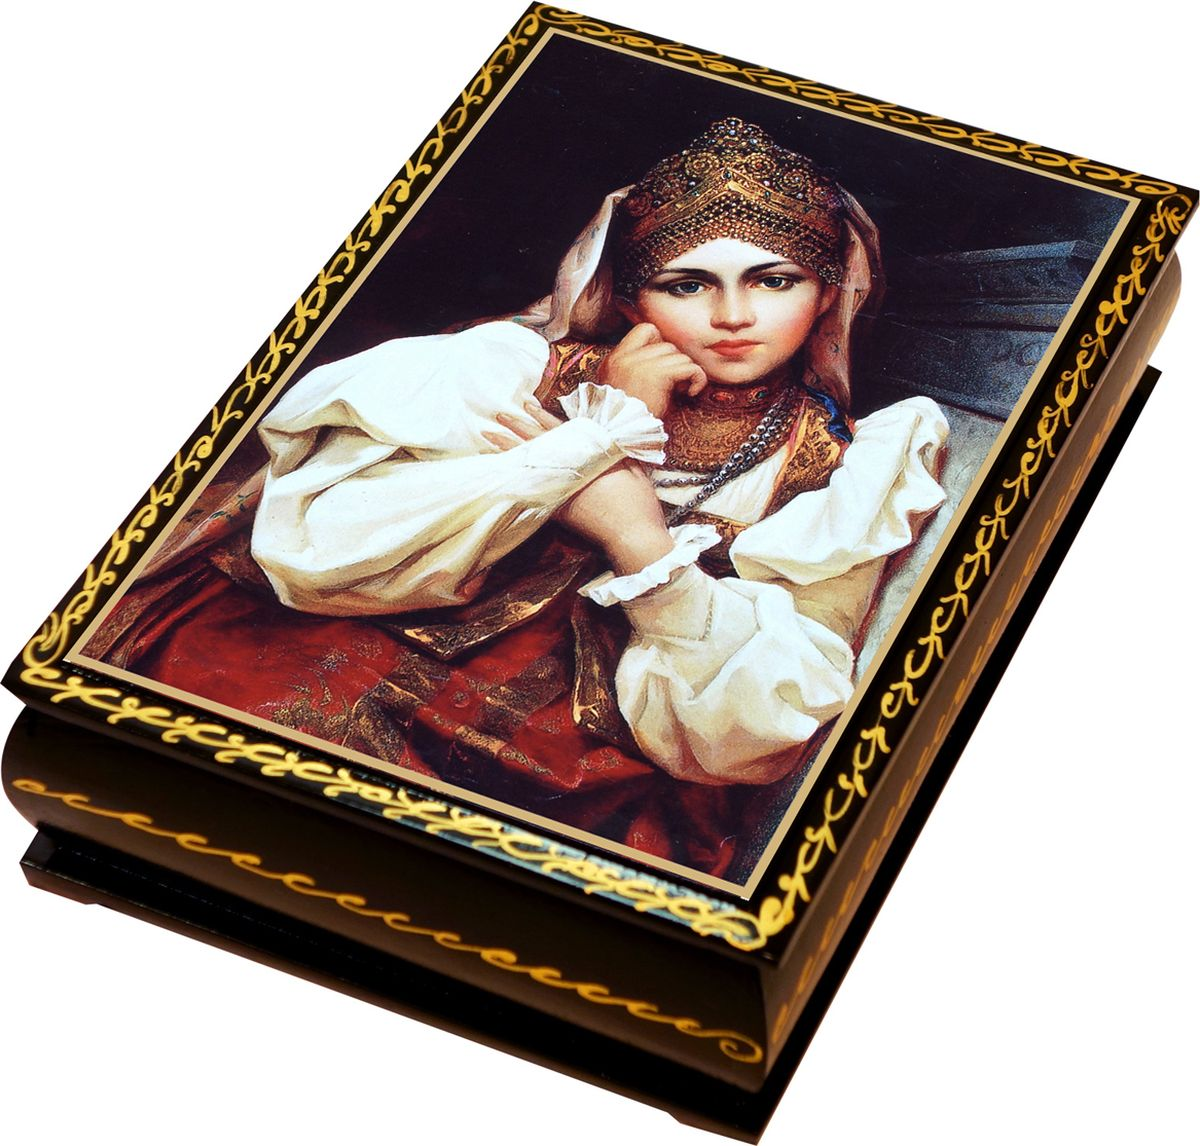 Кремлина Камин курага шоколадная с грецким орехом конфеты, 150 г4607039270037_каминПодарочная серия конфет в шкатулке лаковая миниатюра с конфетами. Курага шоколадная с грецким орехом